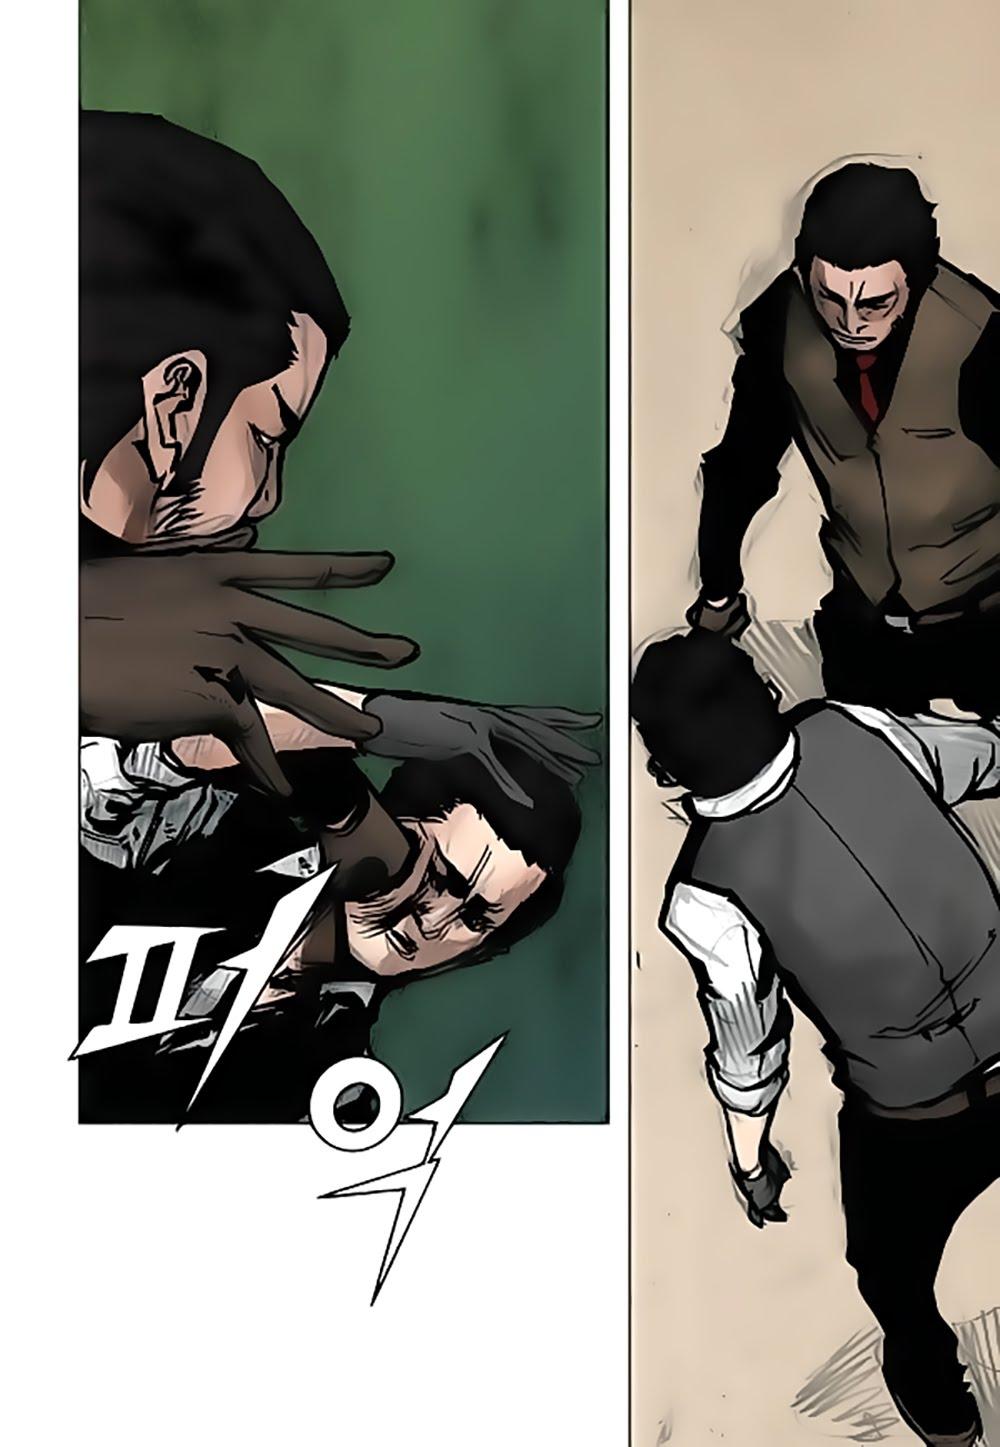 Tong | Tổng chap 30 - Trang 4